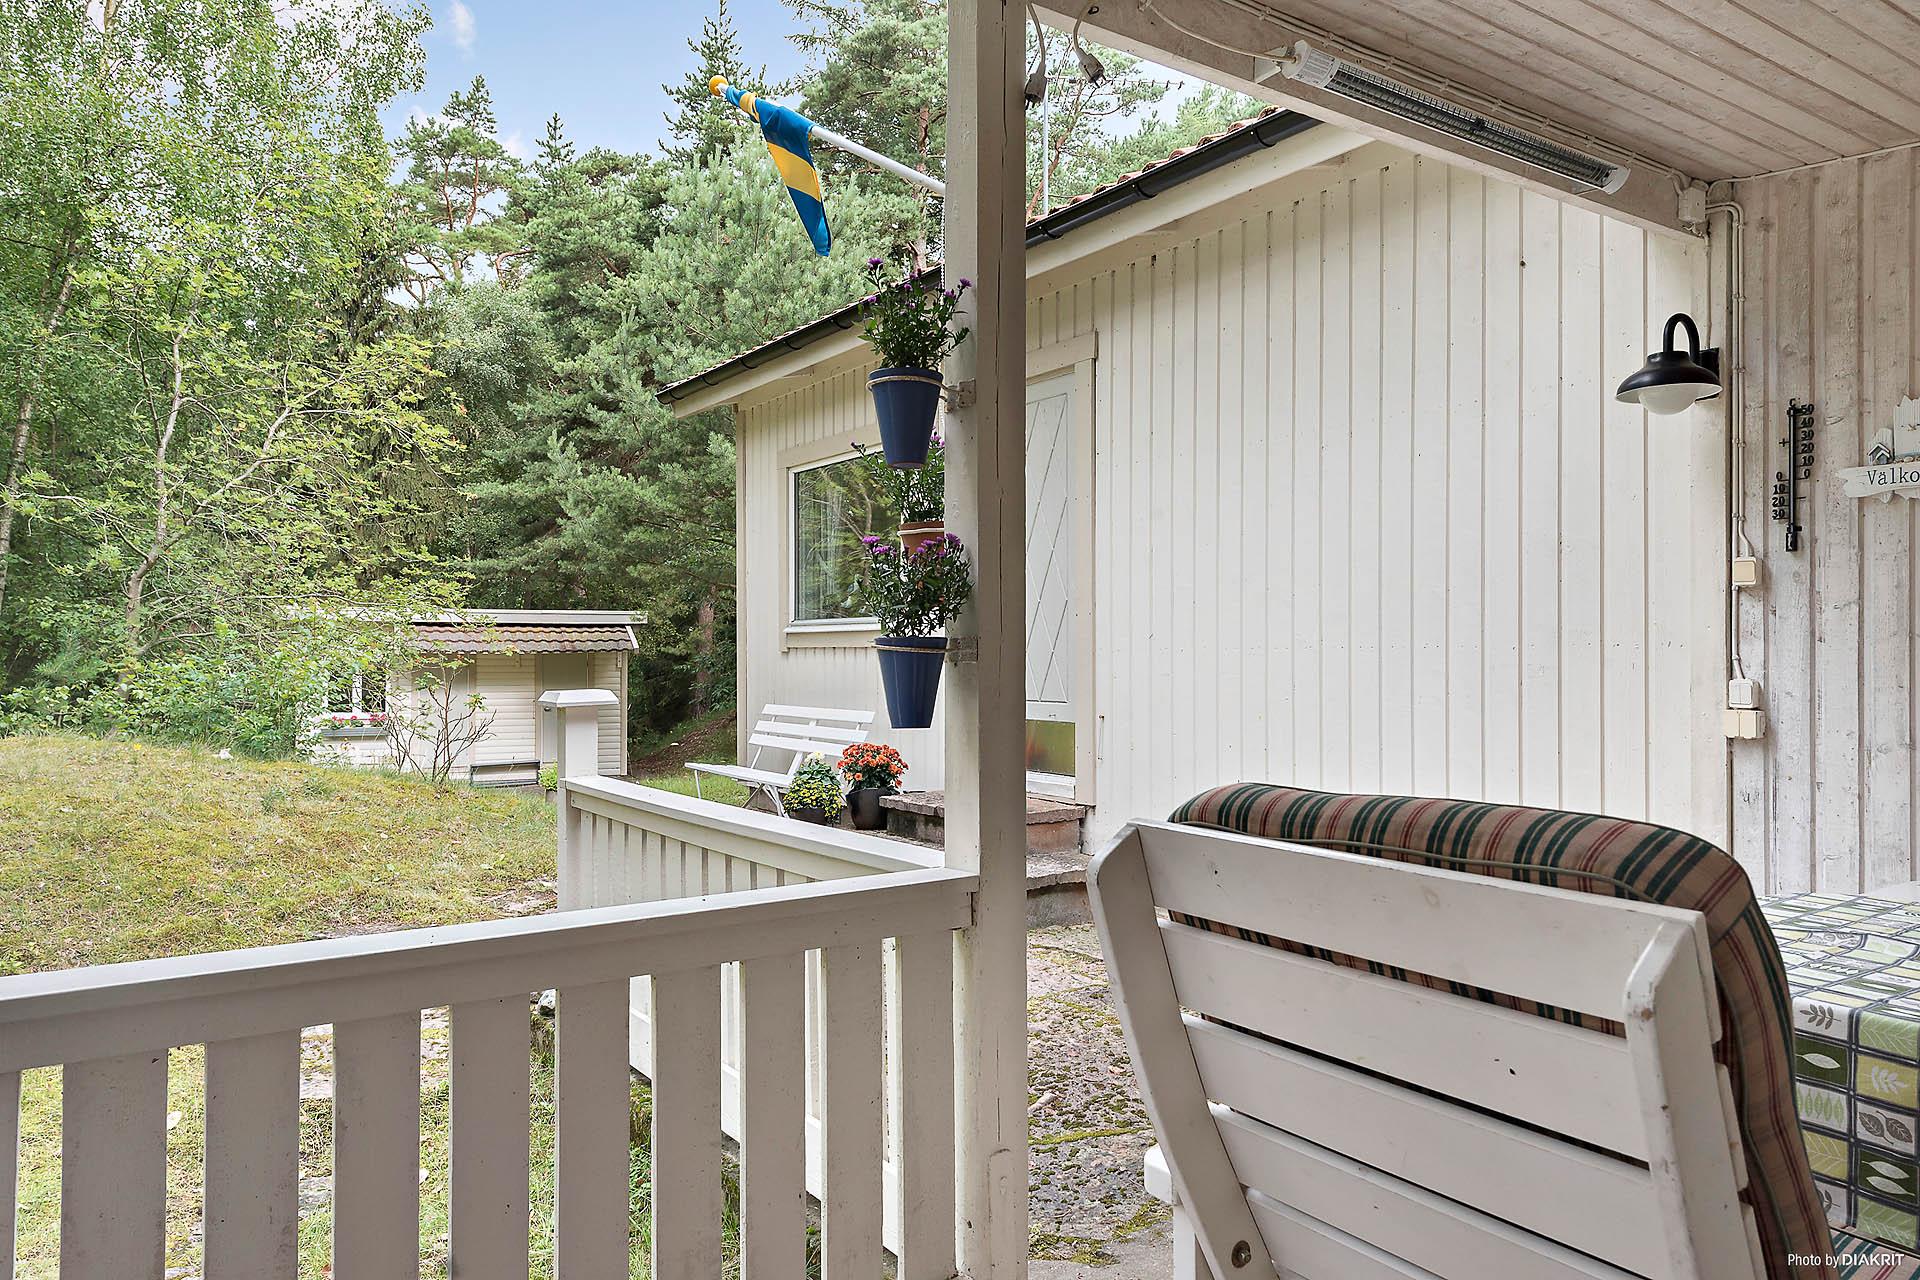 Taket möjliggör nyttjande under svenska sommarens skiftande väder.